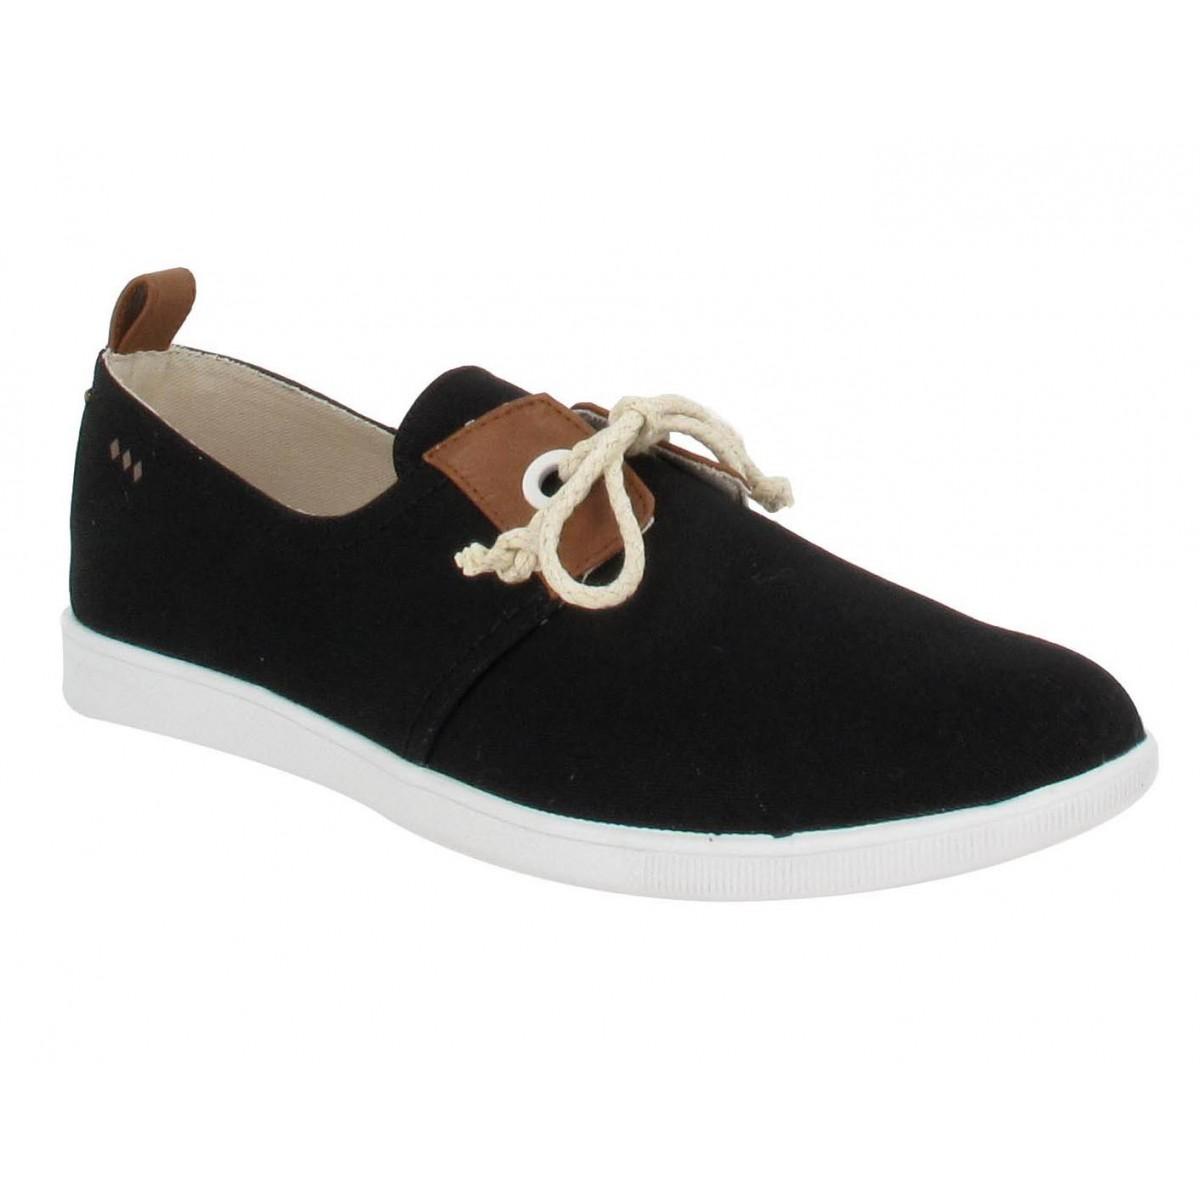 armistice stone 1 toile femme noir fanny chaussures. Black Bedroom Furniture Sets. Home Design Ideas